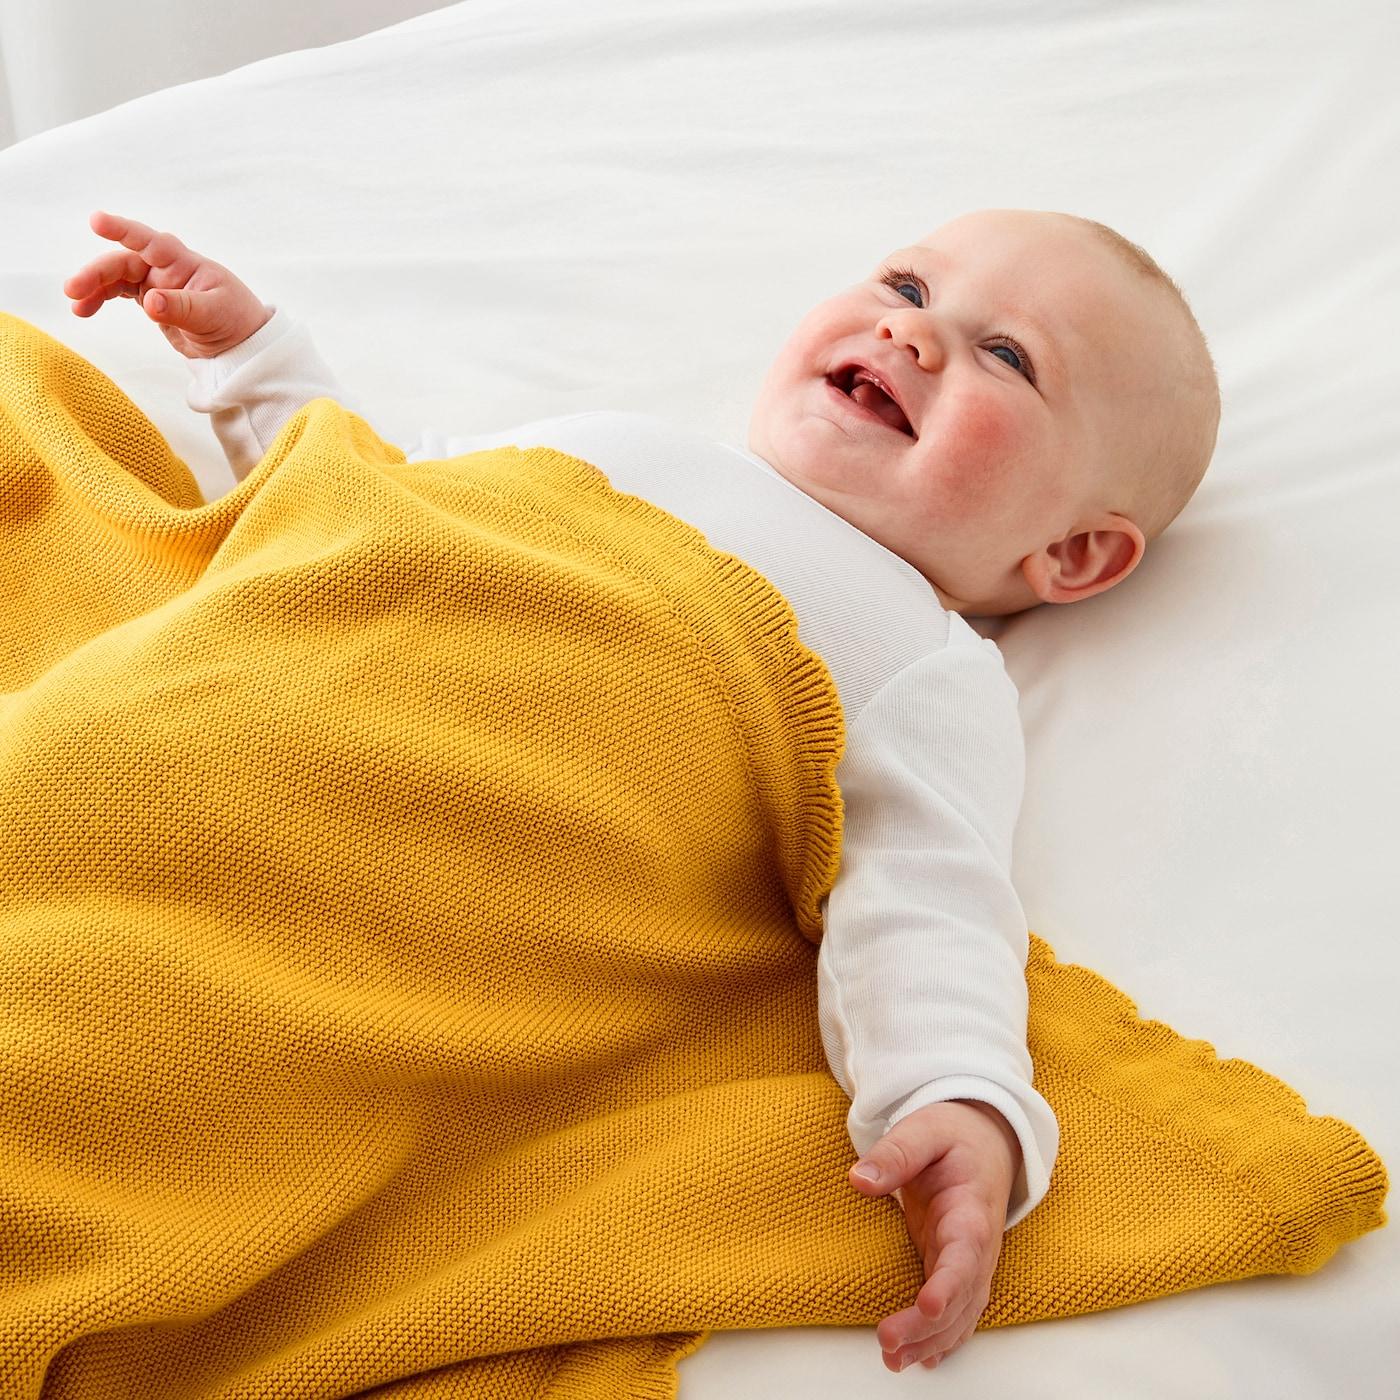 SOLGUL Vagga med skummadrass, vit, 66x84 cm IKEA